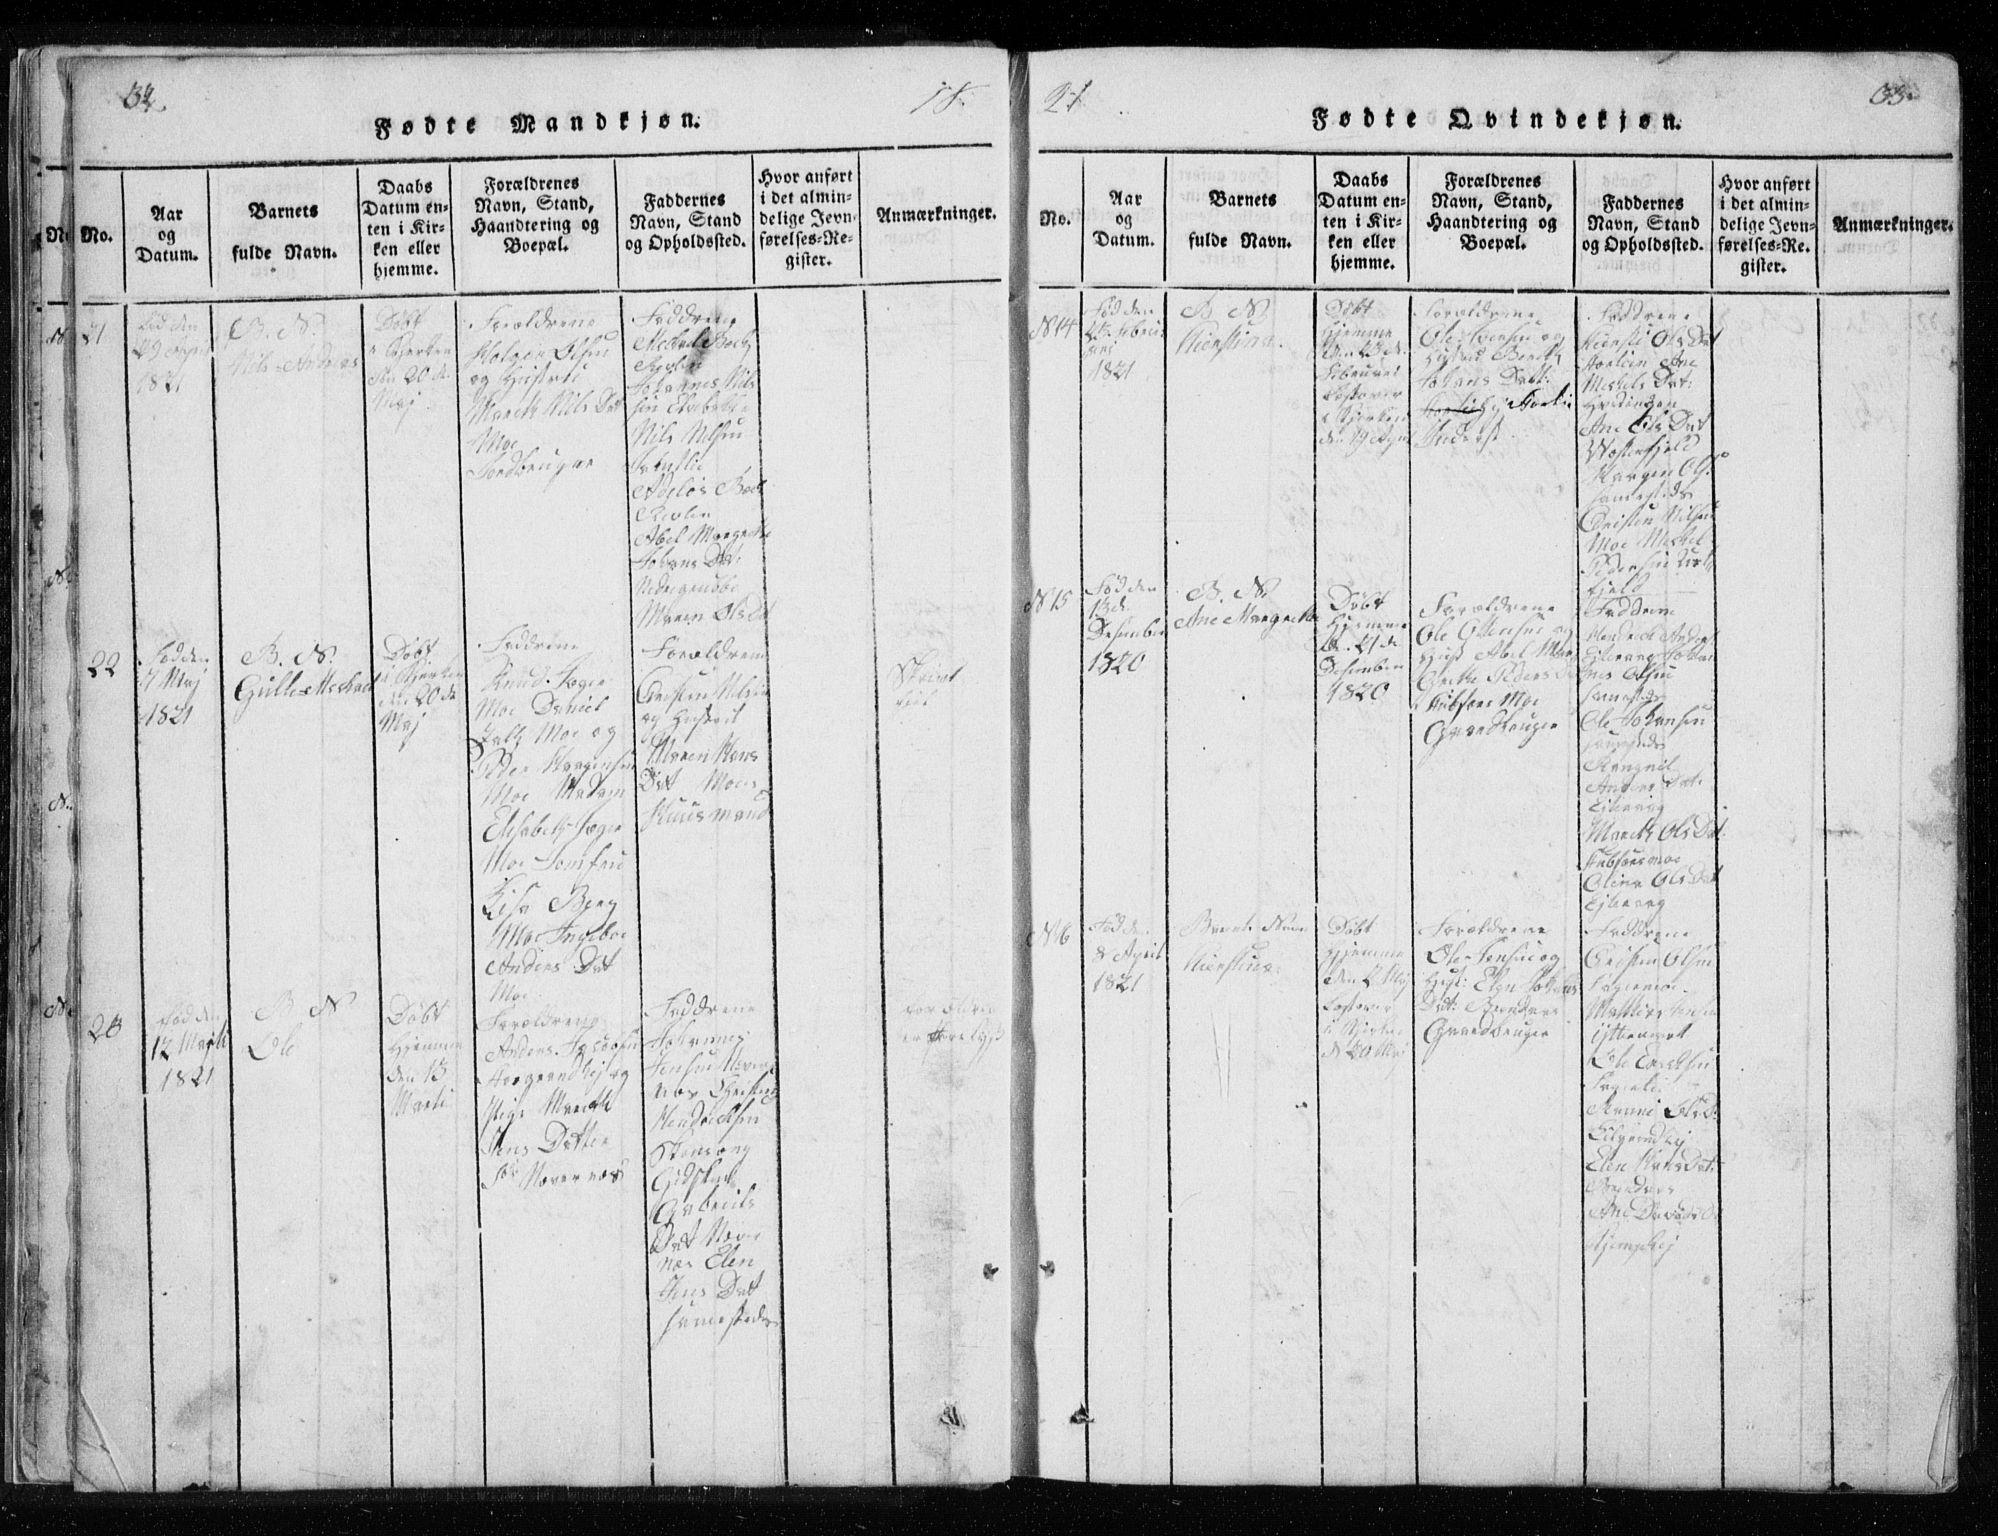 SAT, Ministerialprotokoller, klokkerbøker og fødselsregistre - Nordland, 827/L0412: Parish register (copy) no. 827C01, 1820-1841, p. 32-33